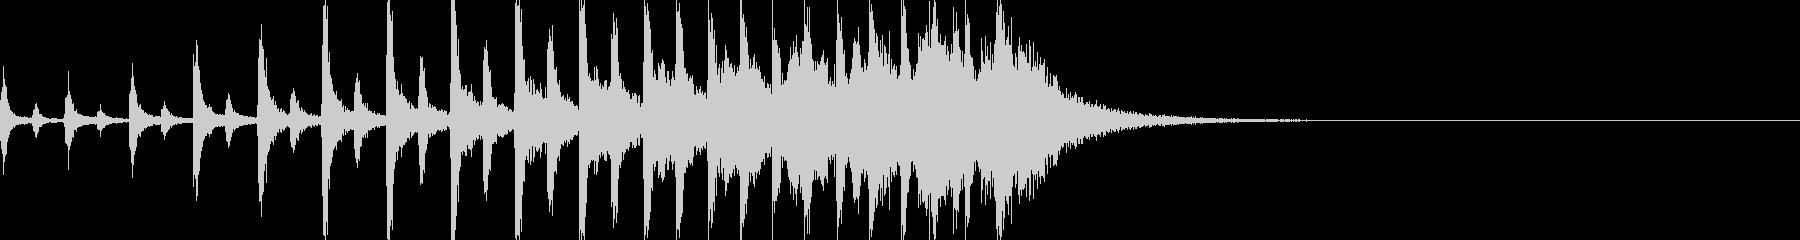 ディレイが効いたドラムロールの未再生の波形